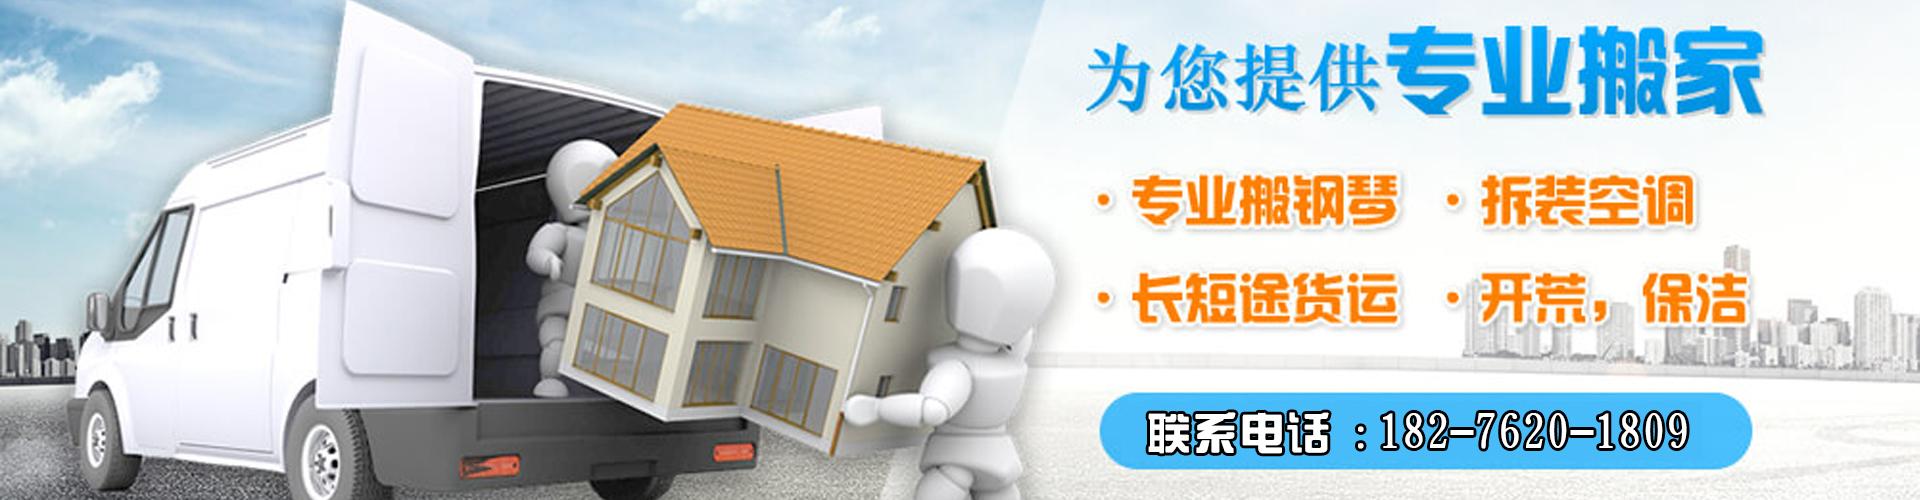 柳州柳南區居民搬家:鋼琴運輸須留意的十個要點